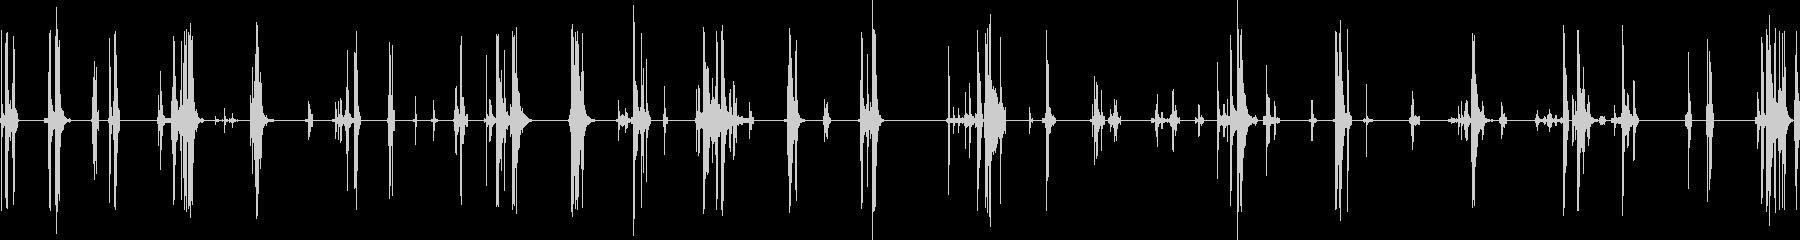 銃のマガジン(弾倉)に弾を込めるの未再生の波形